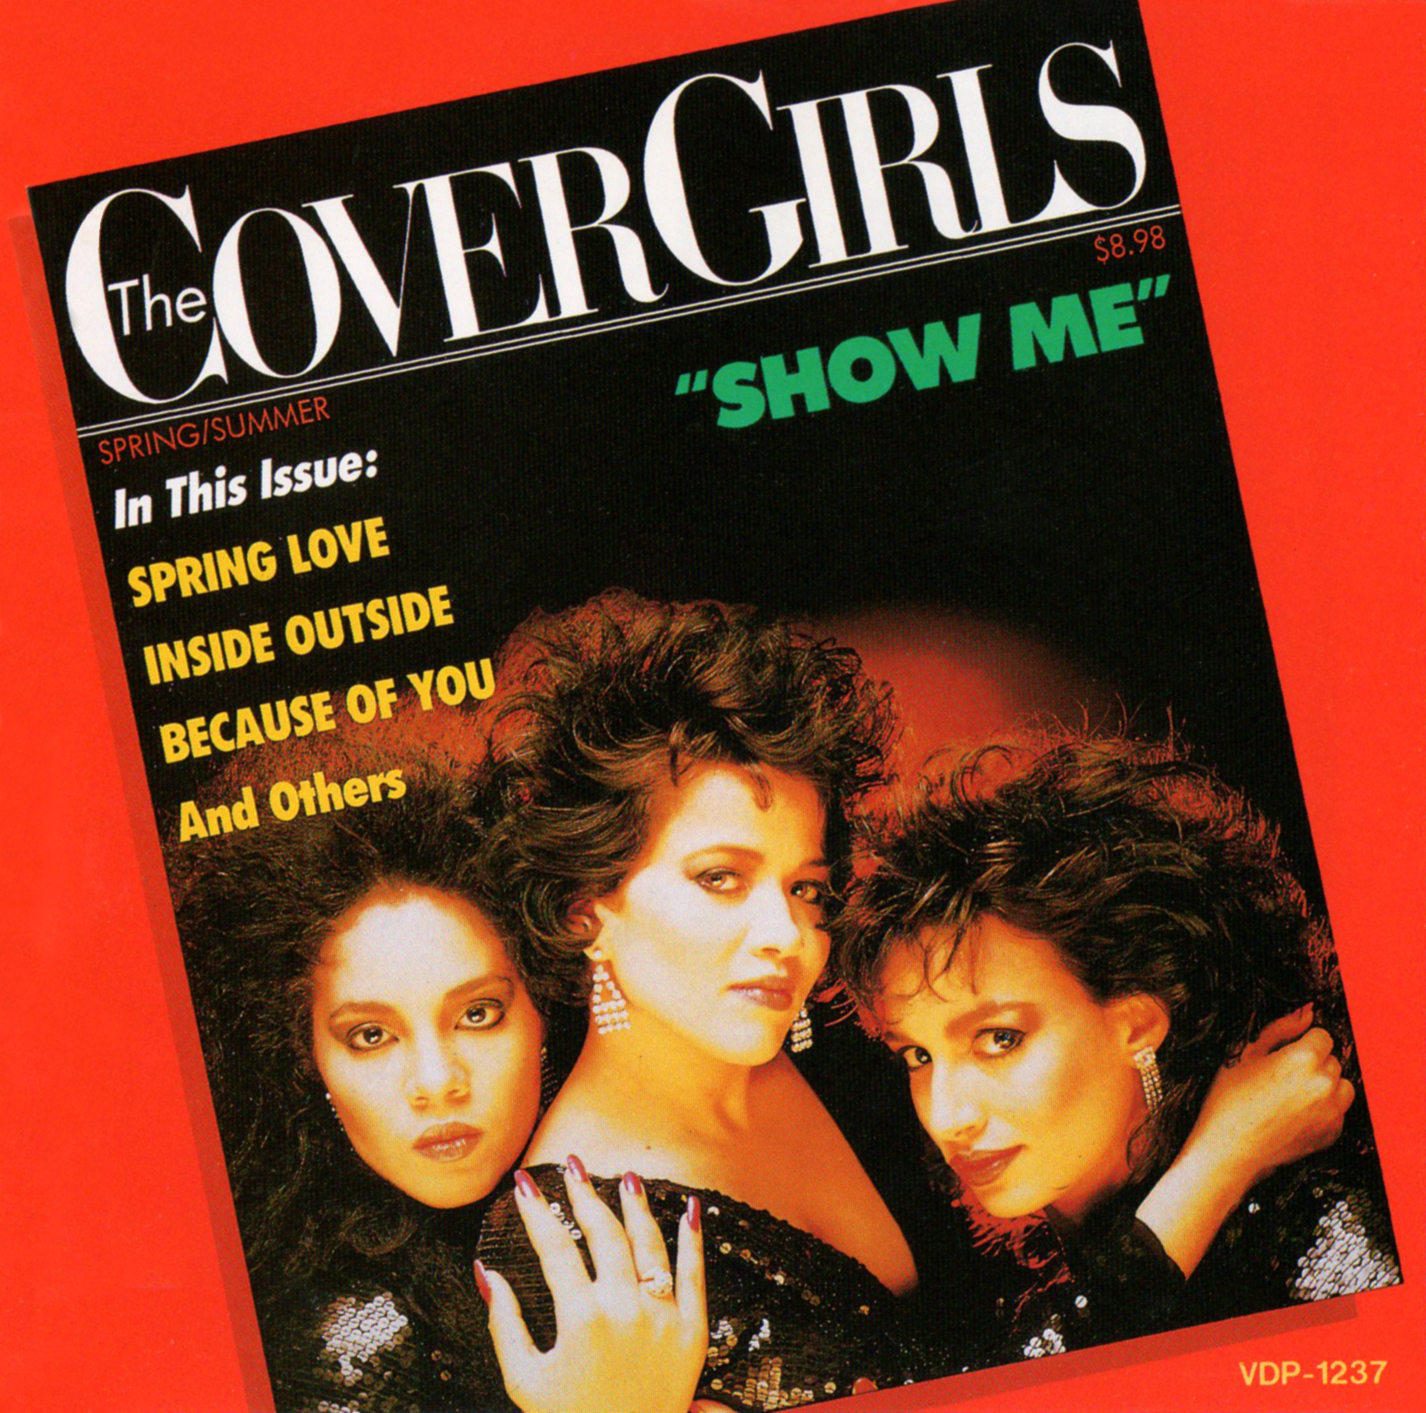 THE COVER GIRLS (カバー・ガールズ) 1stアルバム『SHOW ME (ショウ・ミー)』(1987年8月21日発売) 高画質CDジャケット画像